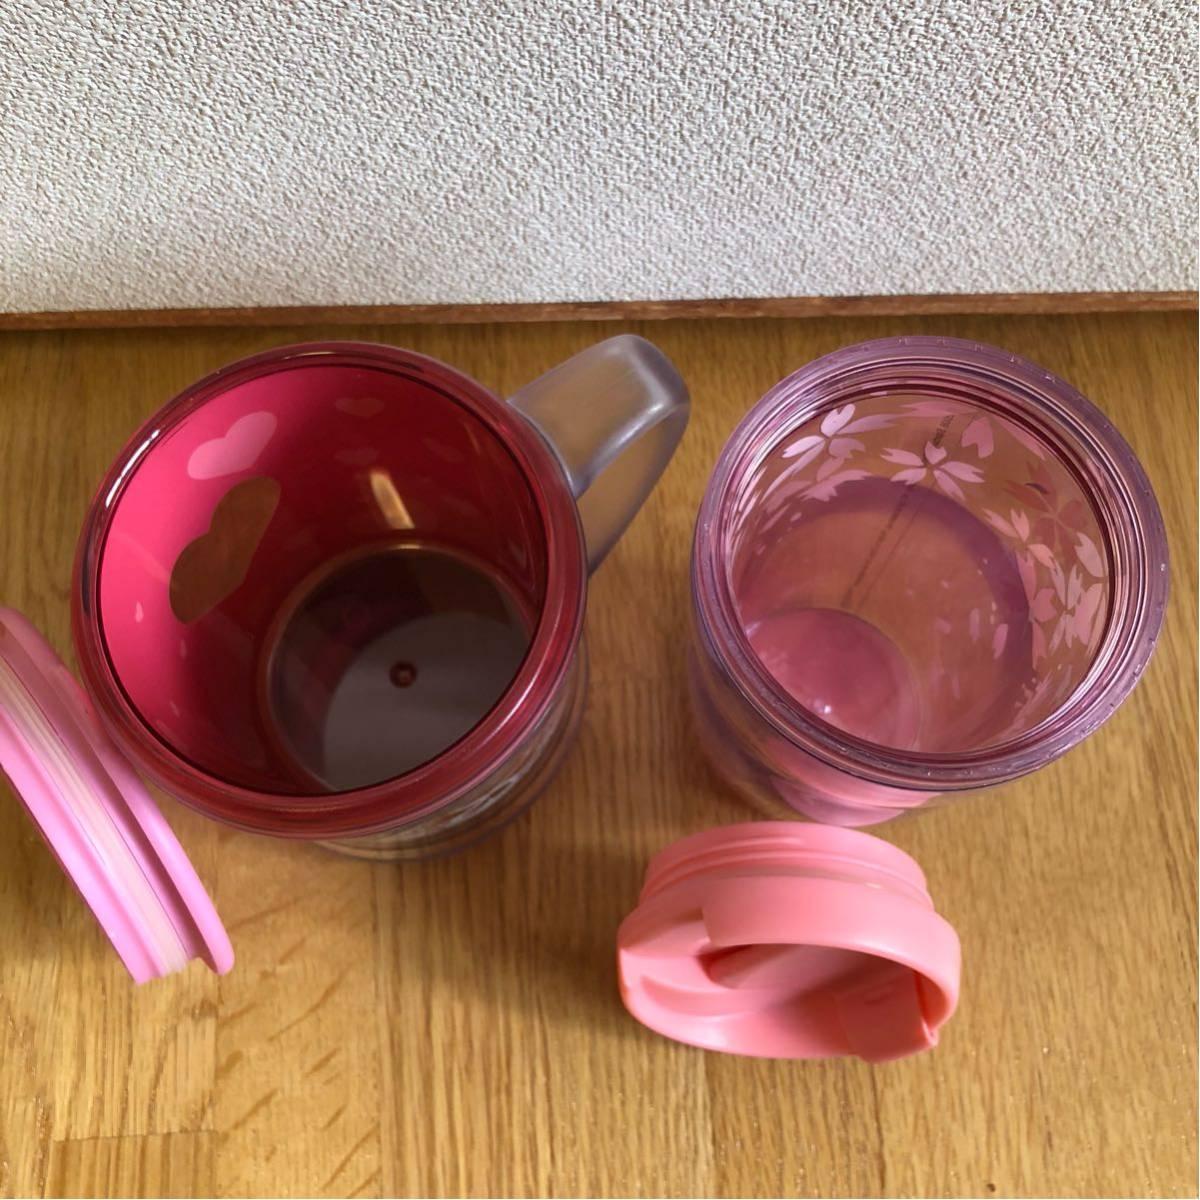 送料込み★スターバックス タンブラー&コーヒーカップ★SAKURA ピンクハート★_画像4